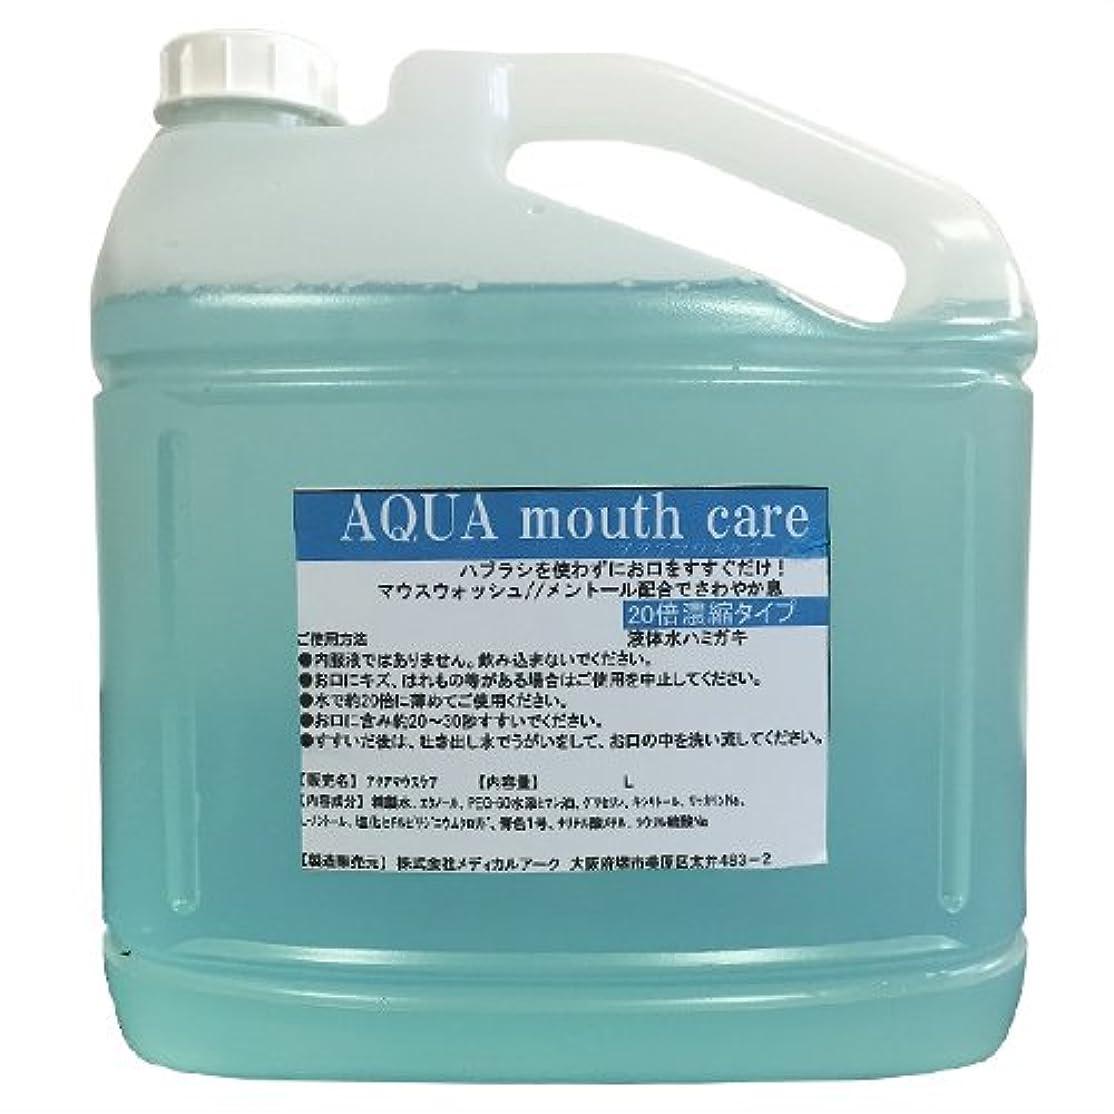 期限切れ港たぶん業務用洗口液 マウスウォッシュ アクアマウスケア (AQUA mouth care) 20倍濃縮タイプ 5L (詰め替えコック付き)